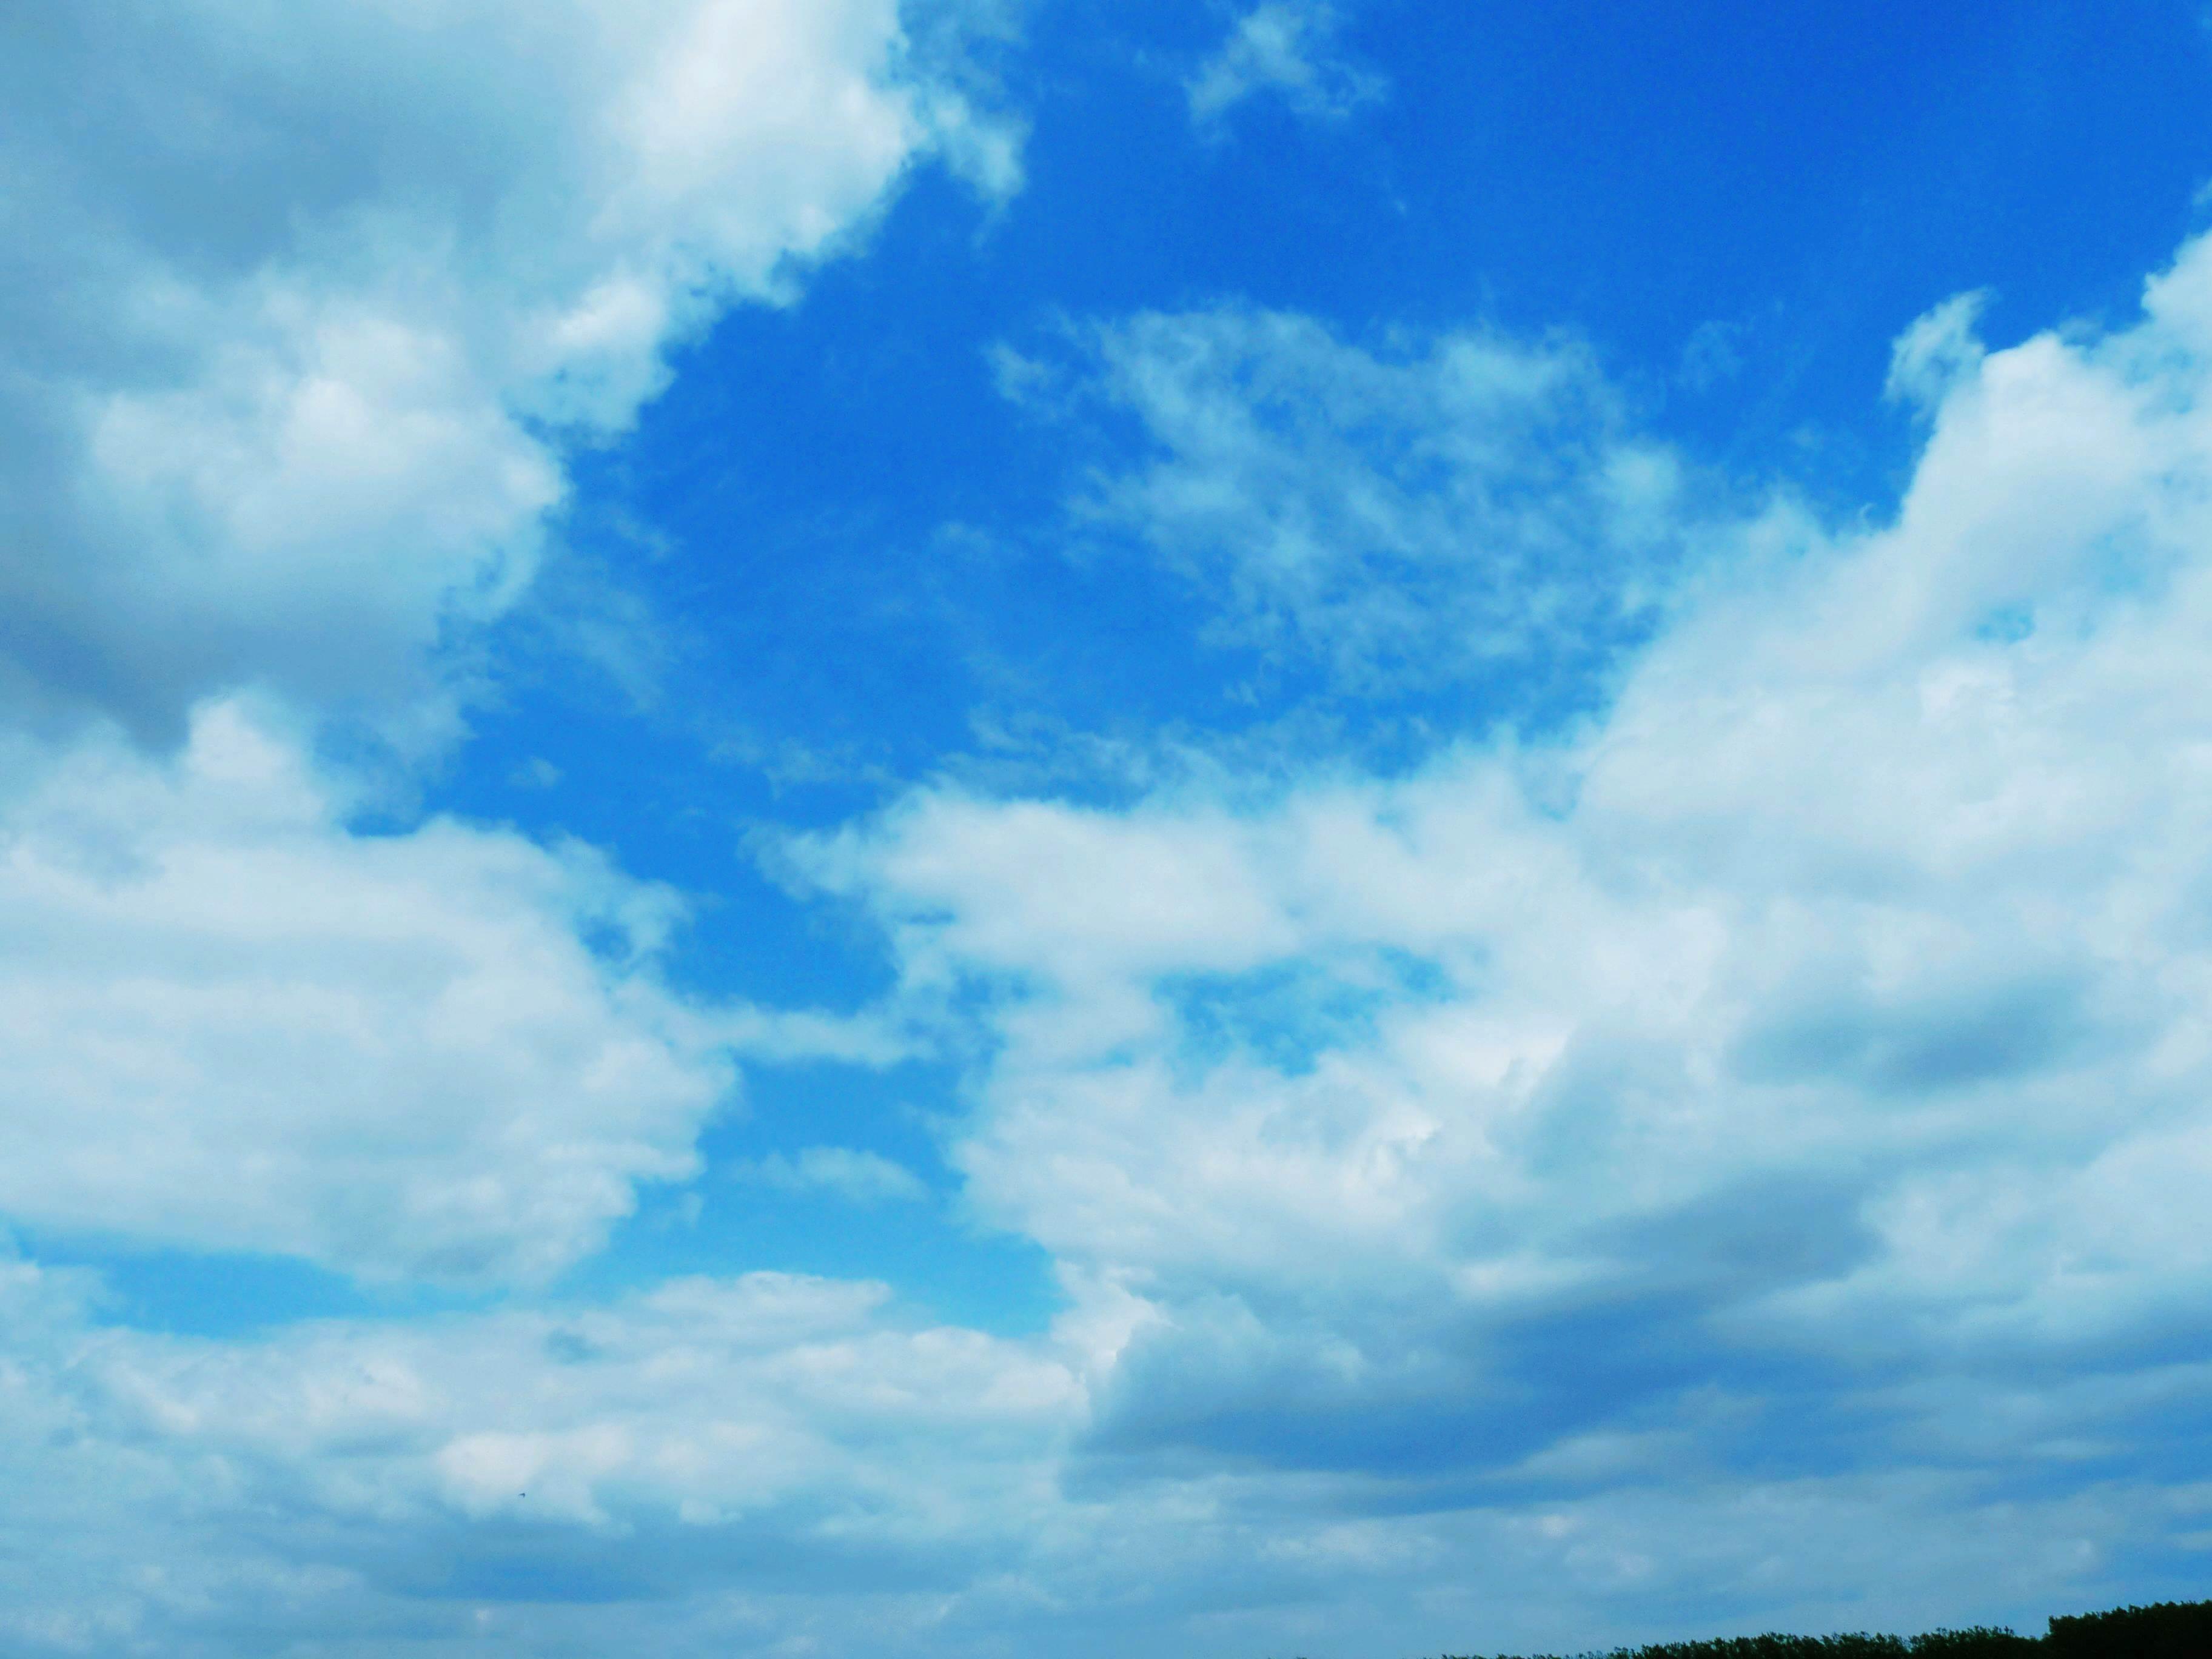 主题: 蓝天白云